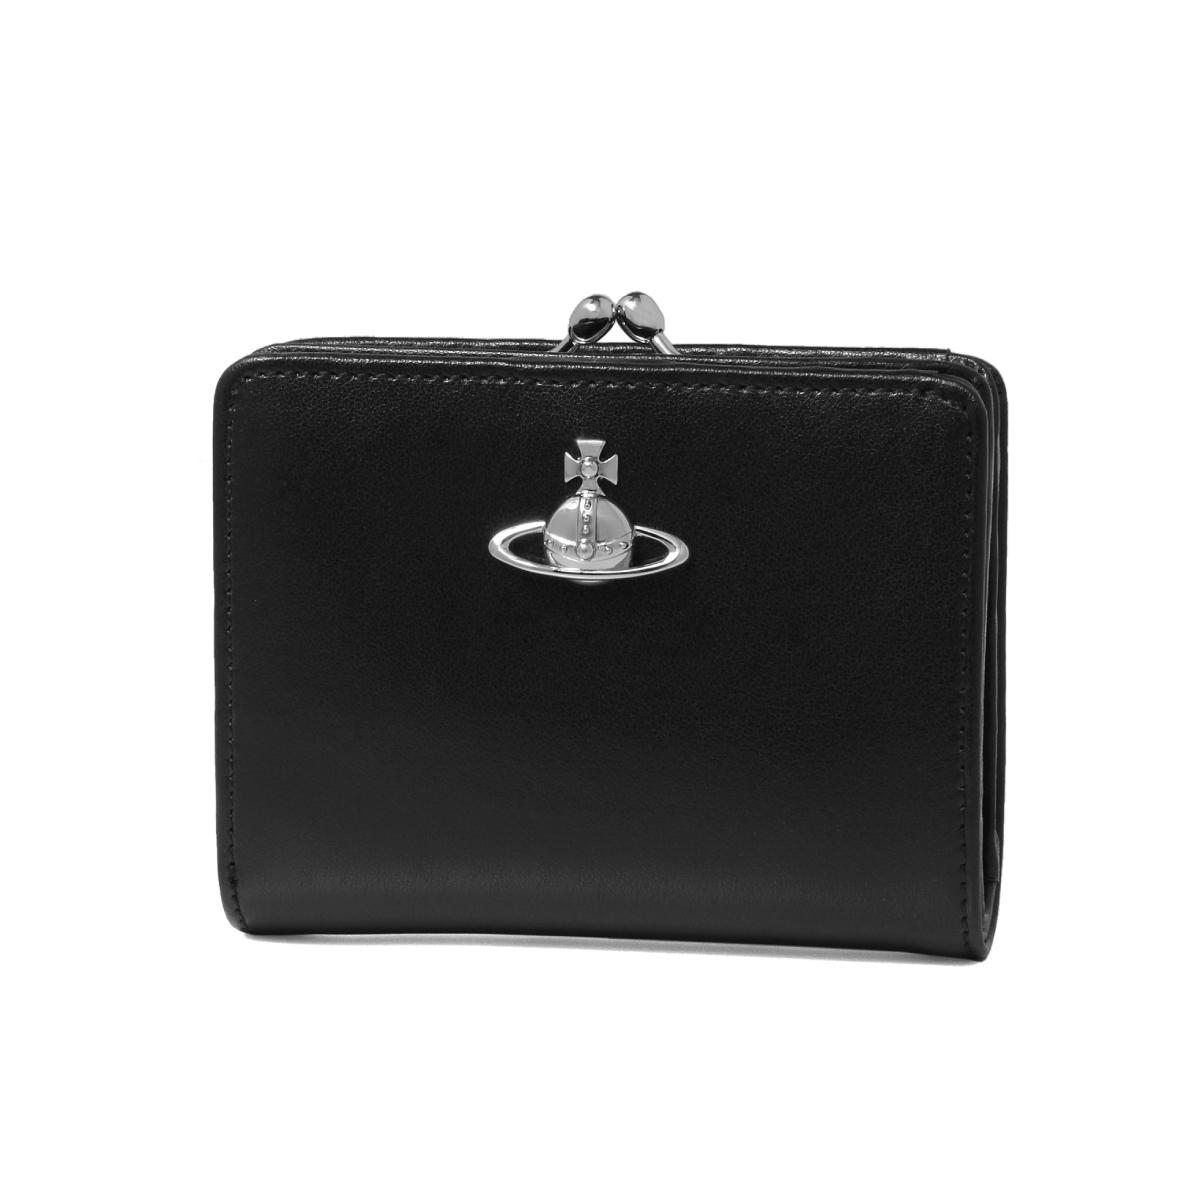 ヴィヴィアン ウエストウッド VIVIENNE WESTWOOD 財布 レディース 51010020 40525 N401 二つ折り財布 MATILDA マチルダ BLACK ブラック